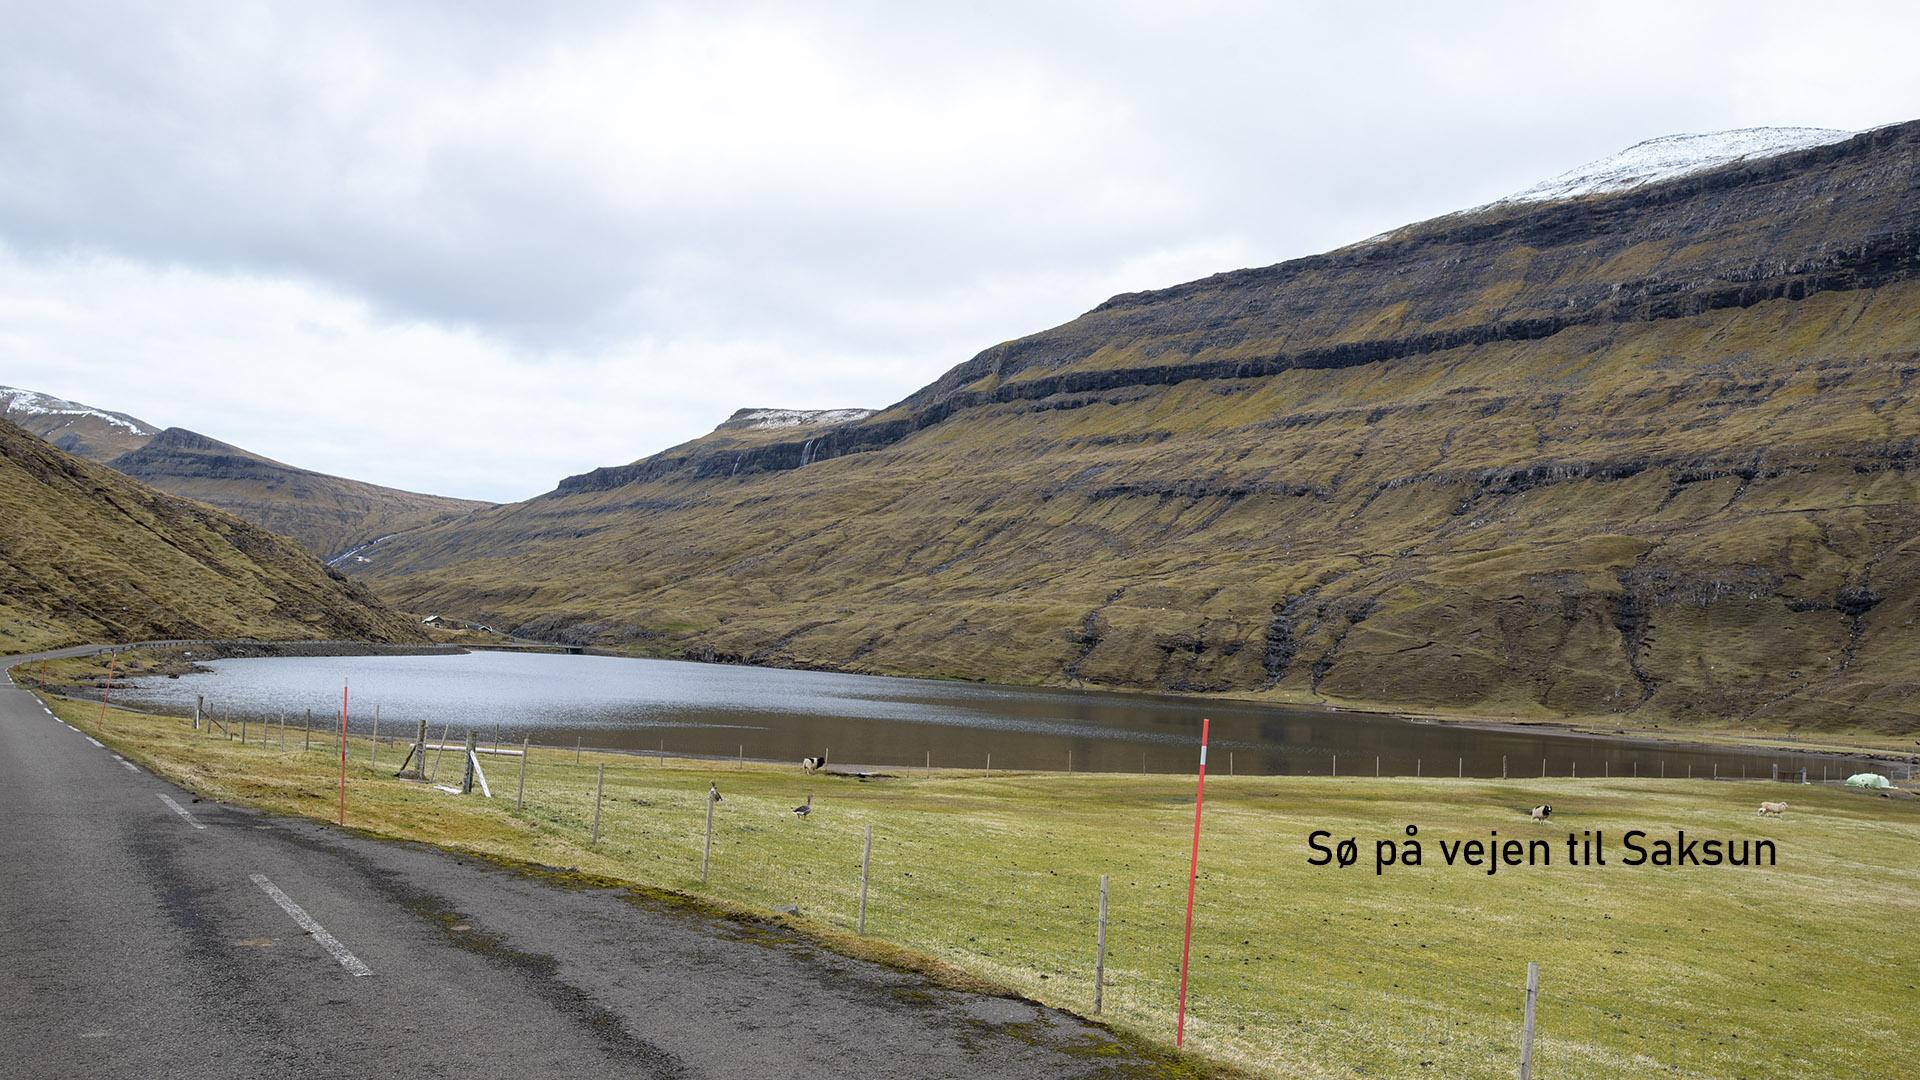 20210515 Færøern 149